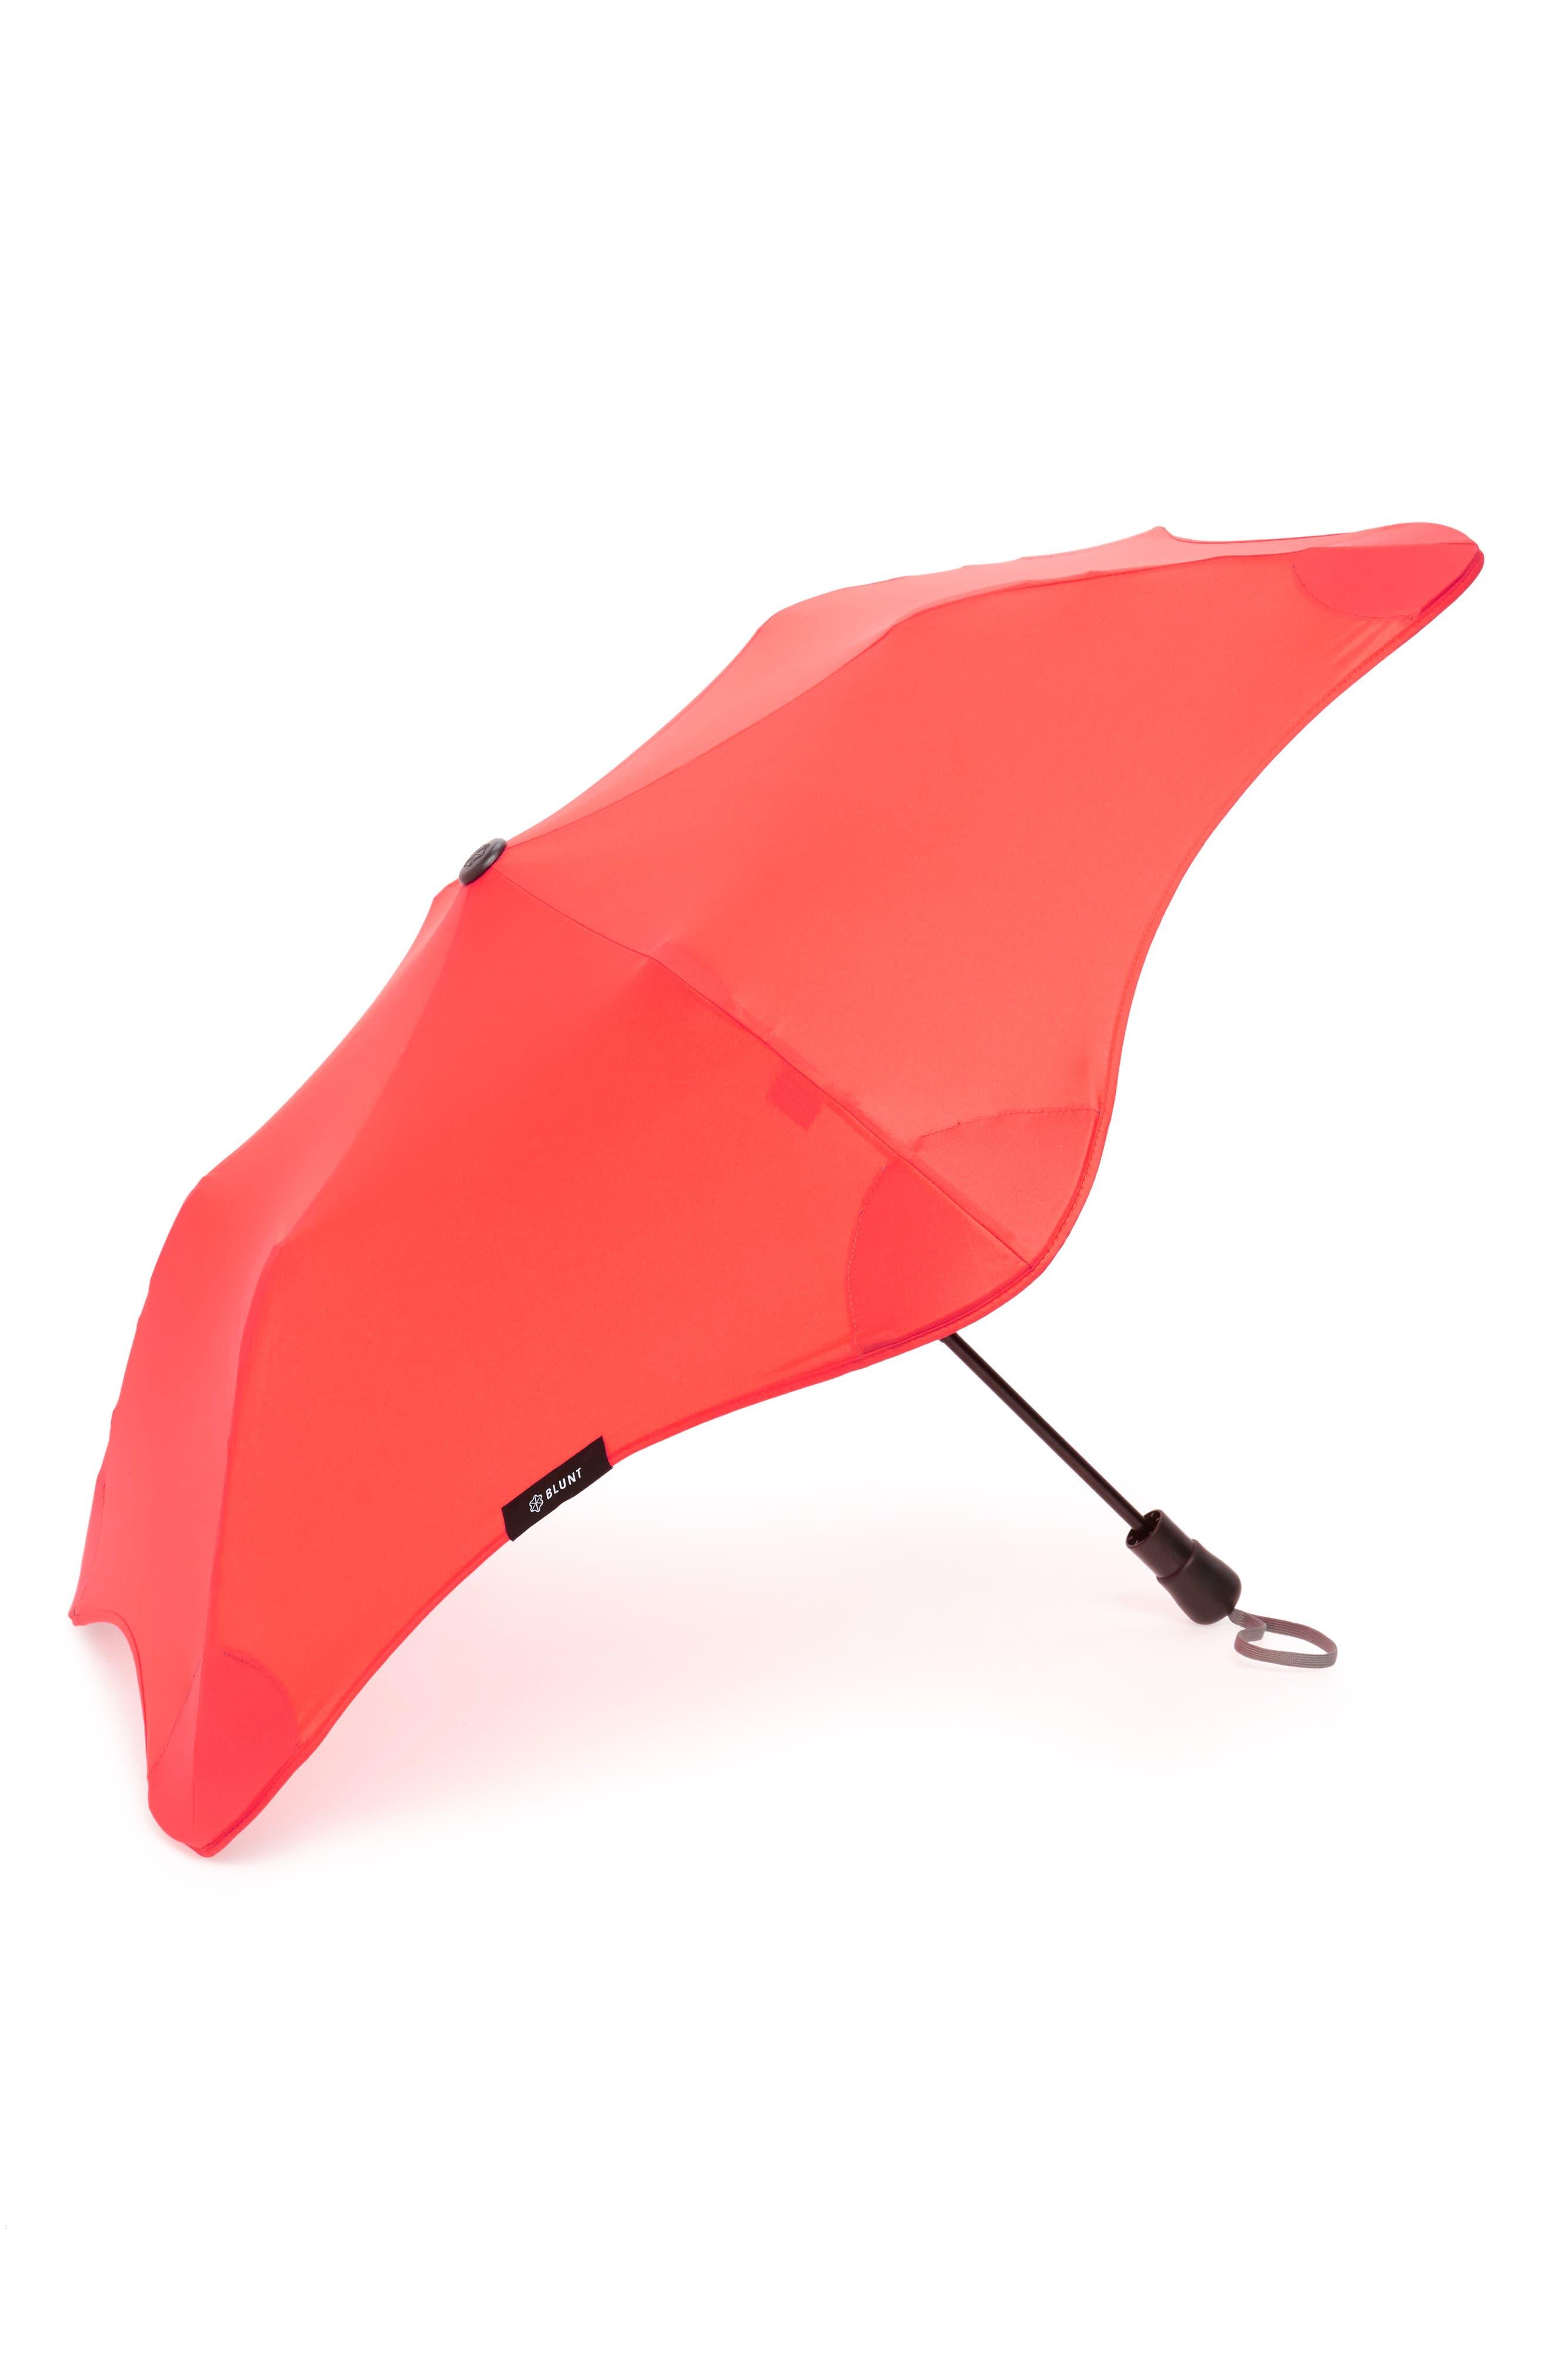 Main Image - Blunt Metro Umbrella